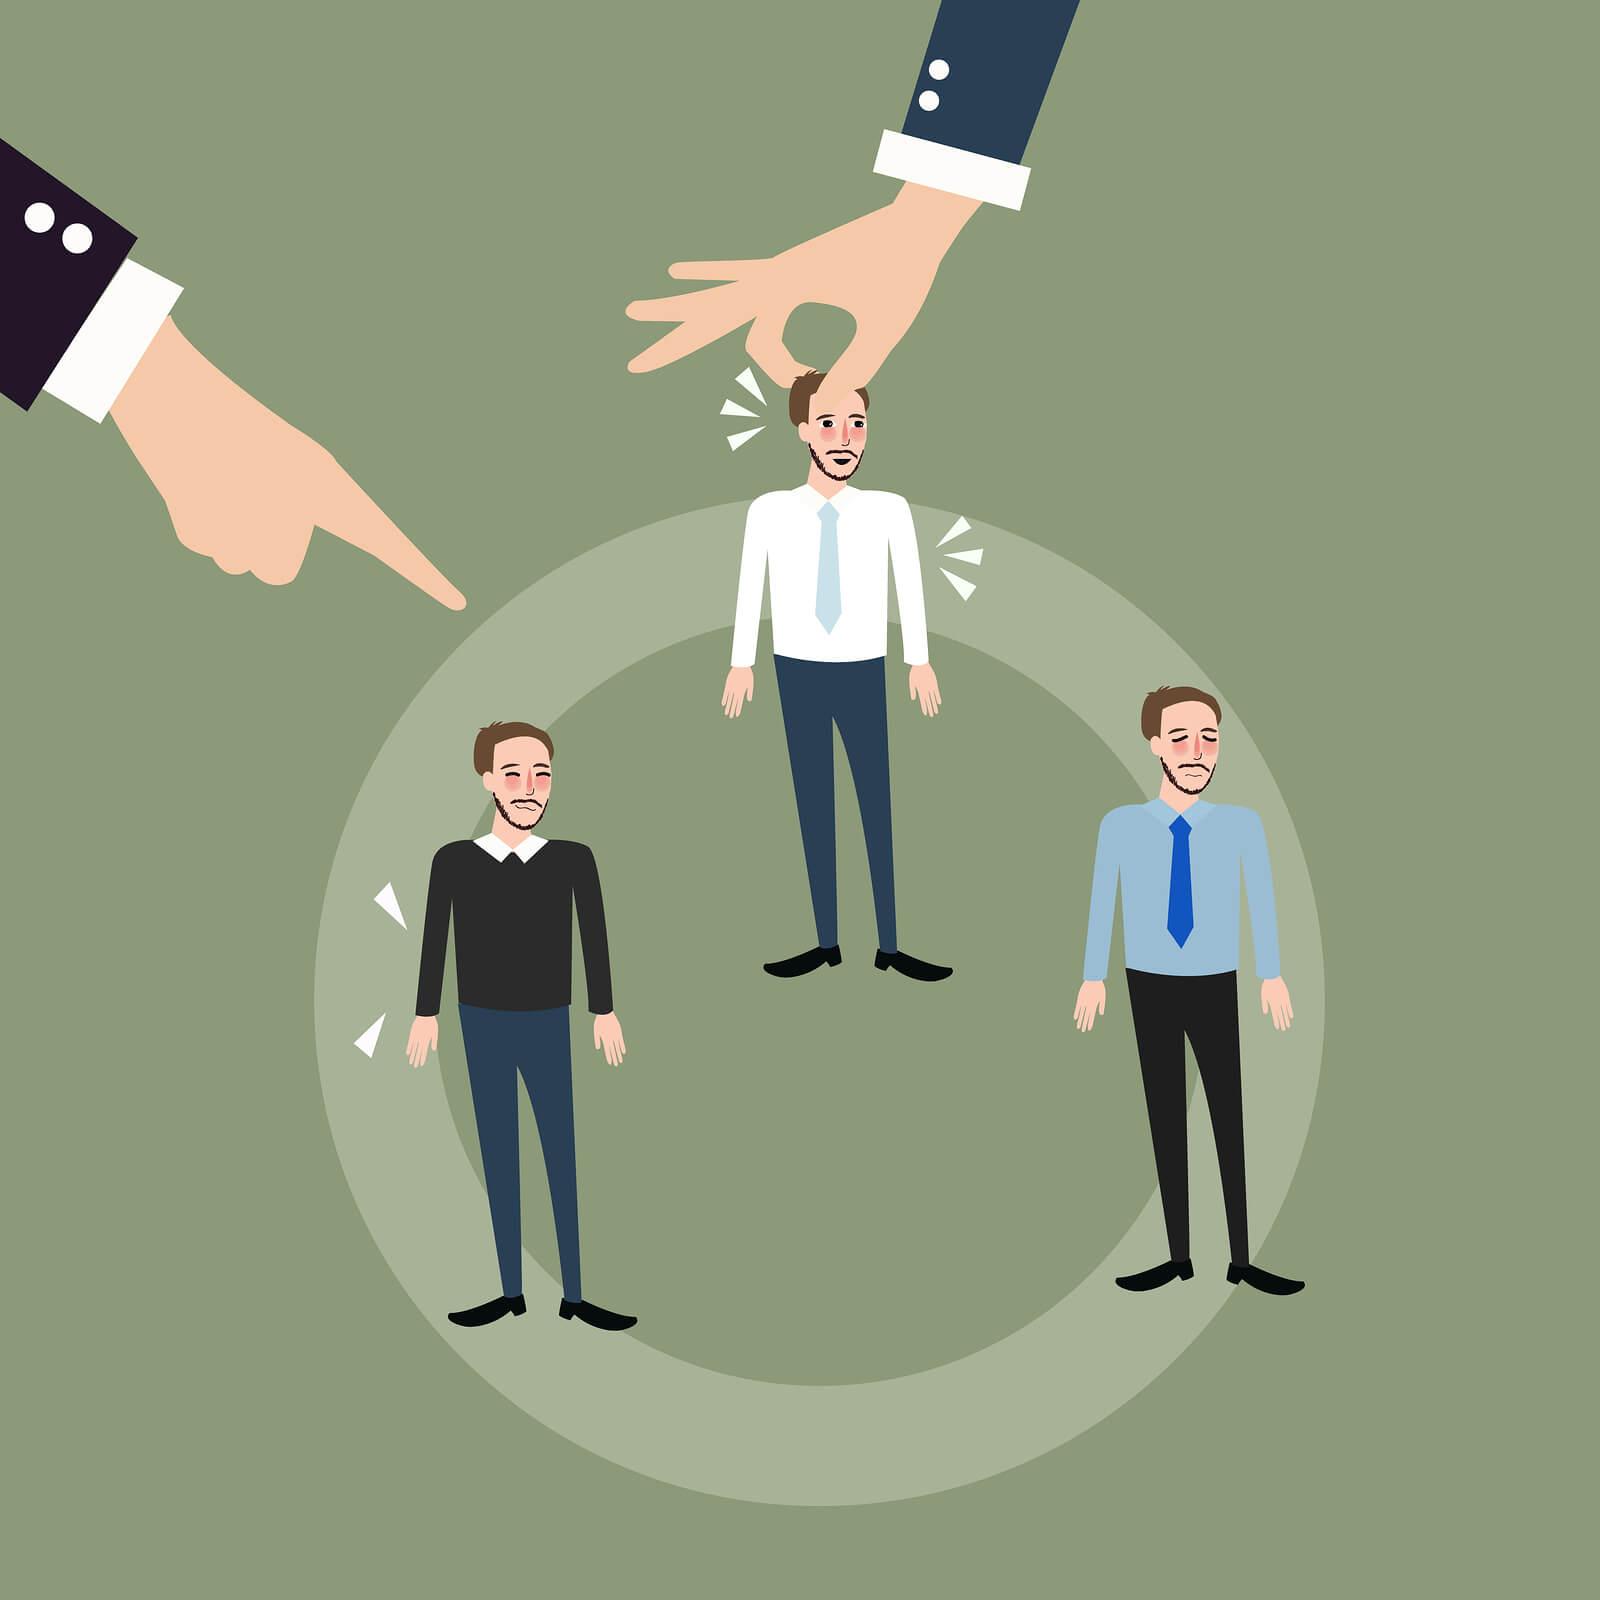 El índice de rotación de personal: concepto, cálculo y evaluación